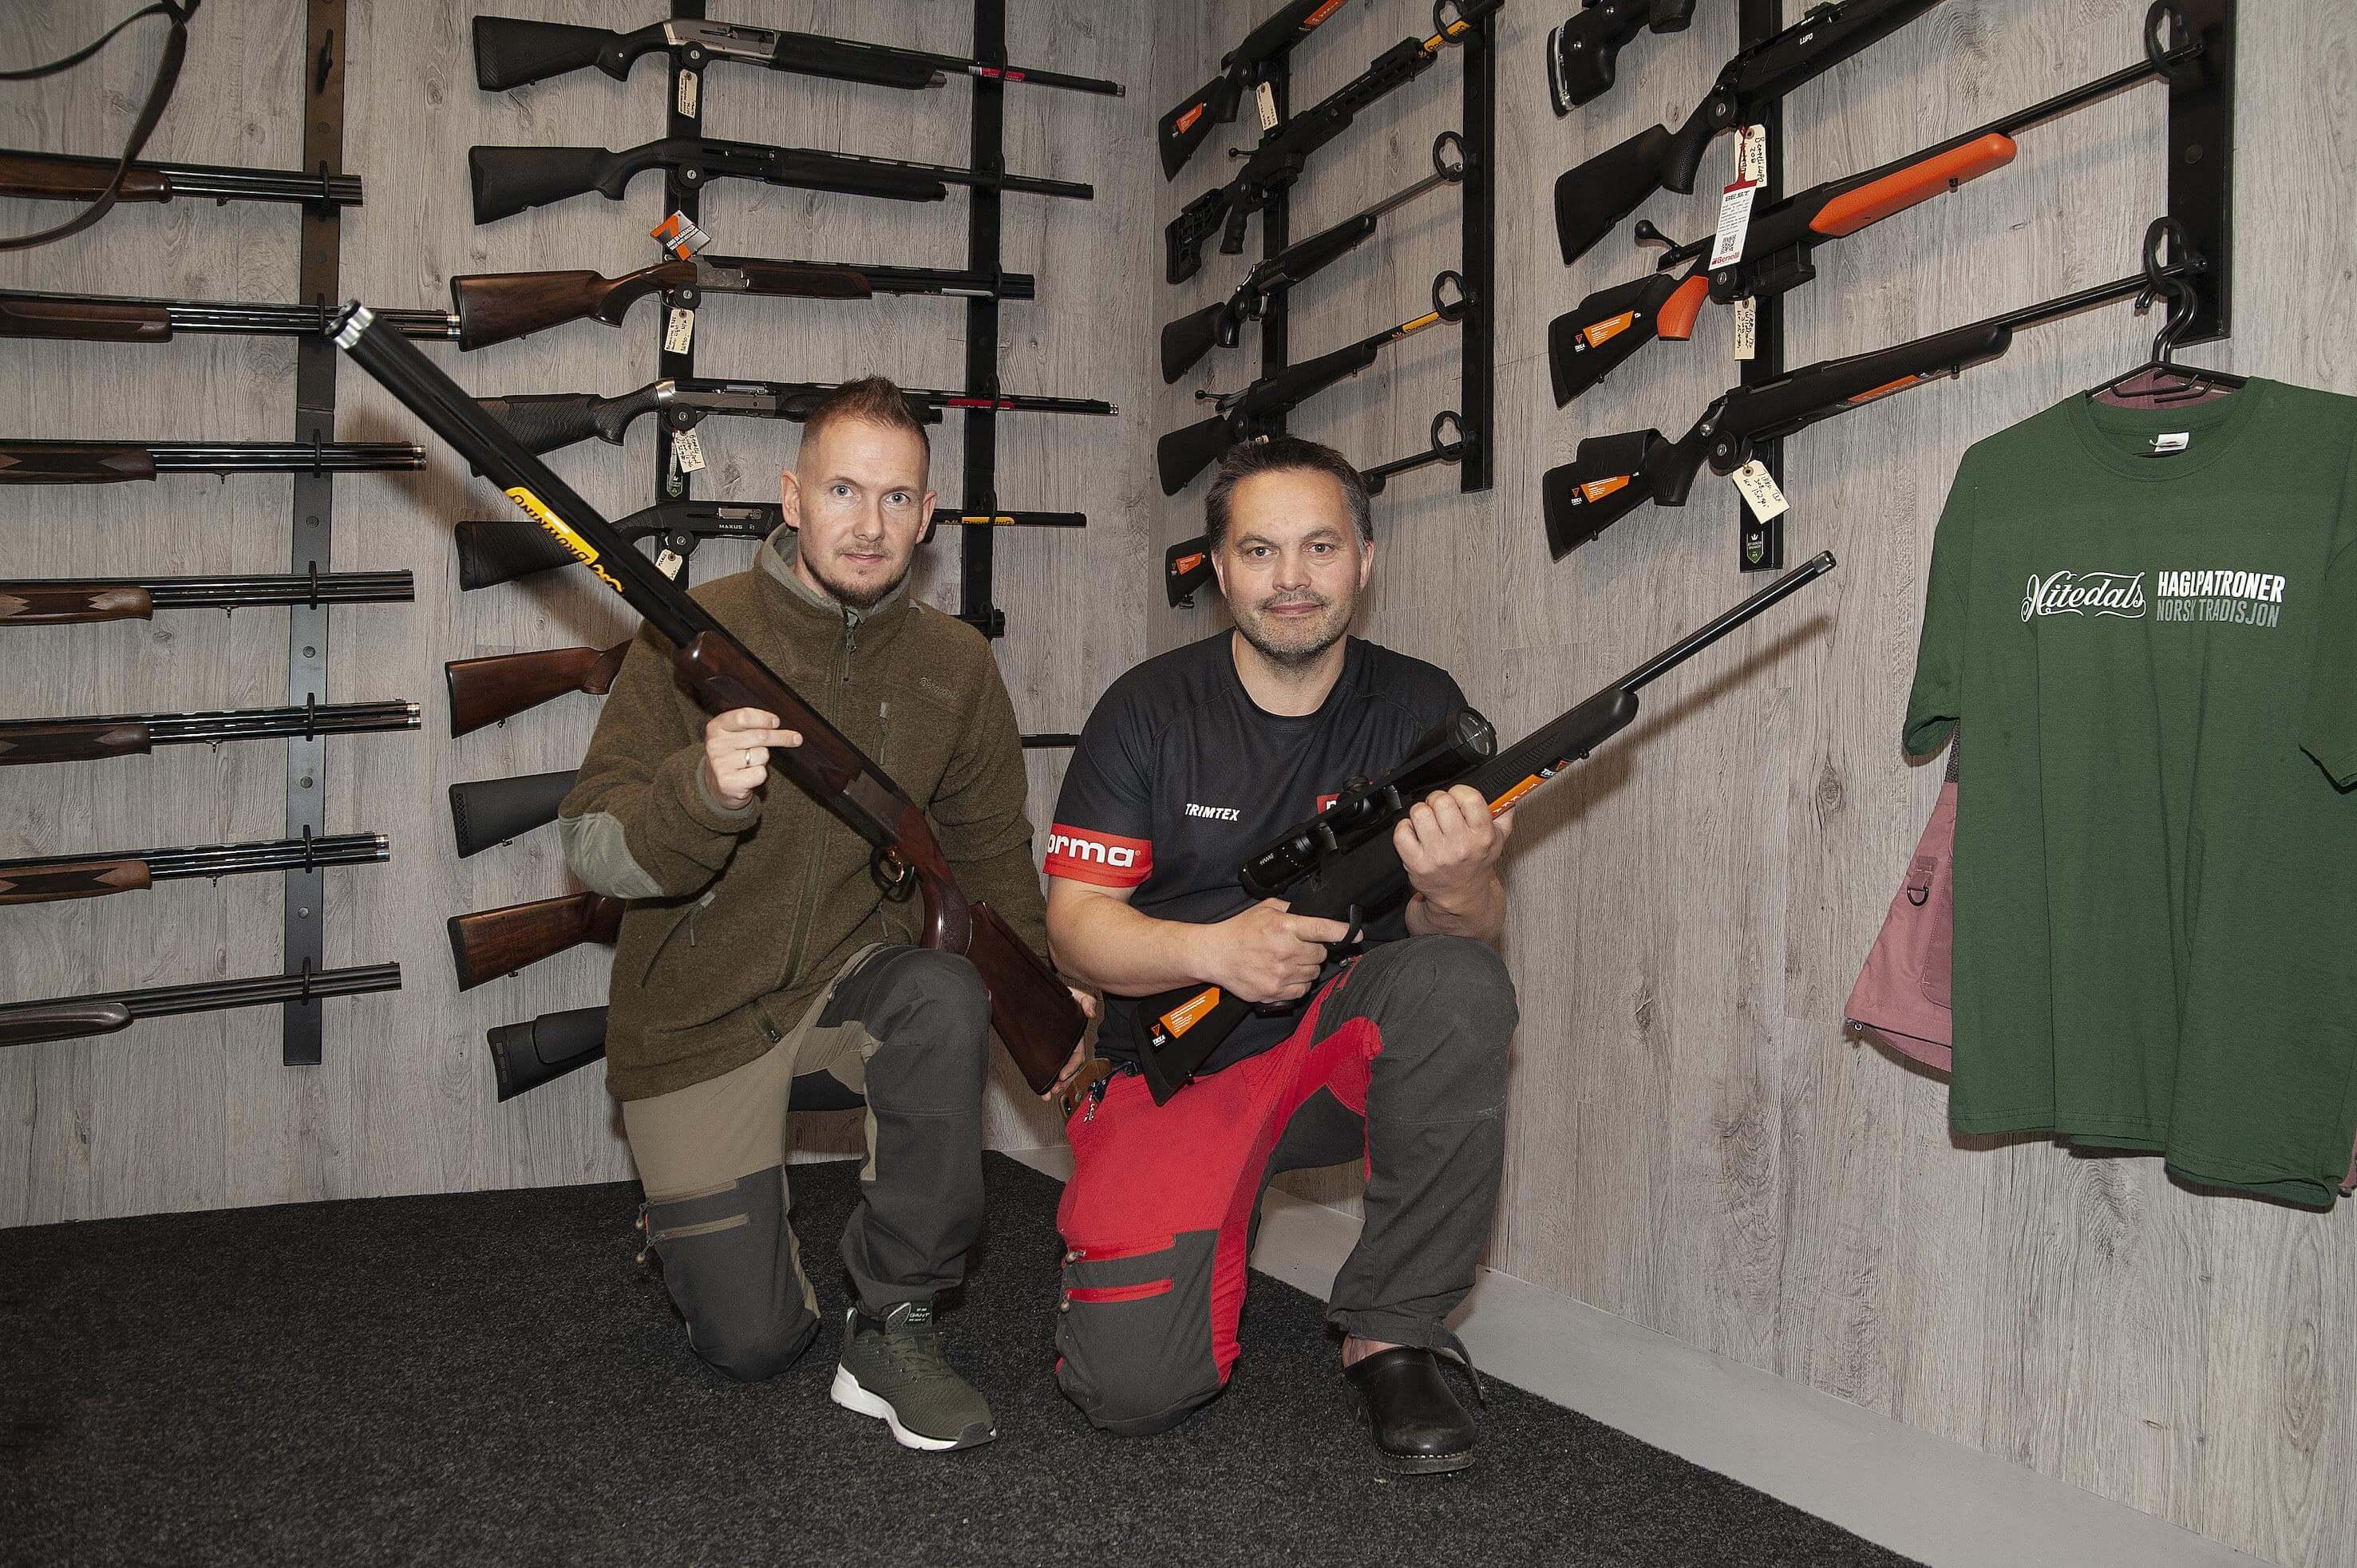 De to eierne og driverne av Helgeland Villmarksenter, Kristian Müller og Tor Ivan Johansen, har til sammen mange tiårs erfaring med jakt, våpenhåndtering og salg.